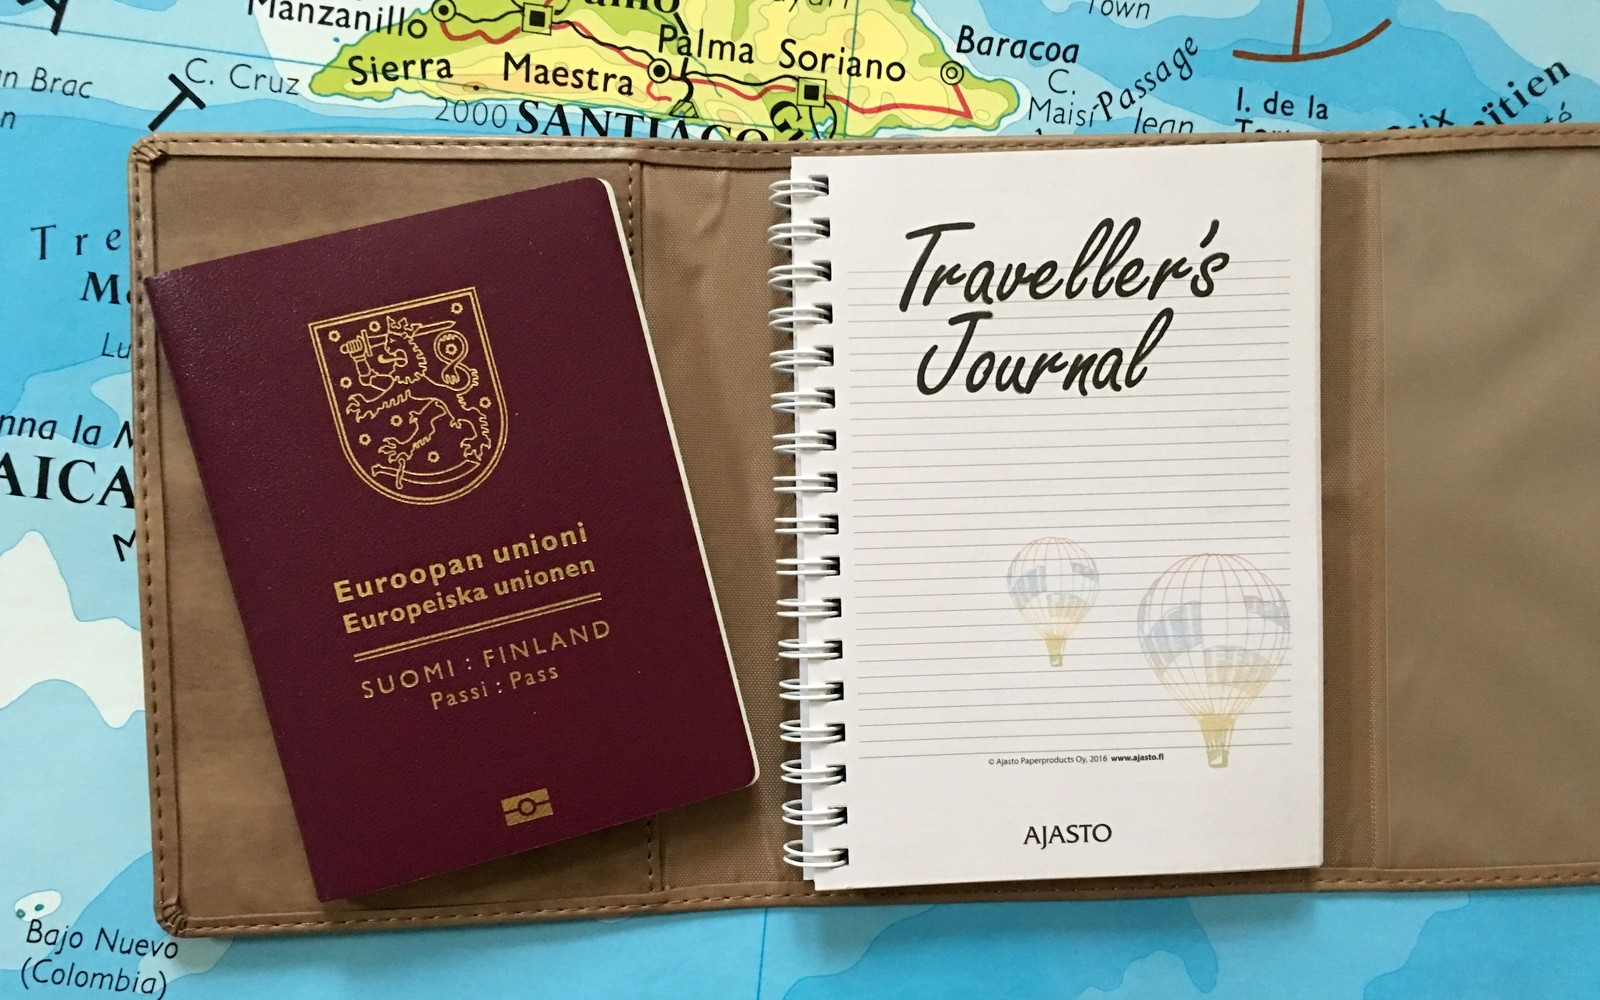 Traveller's Journal Ajasto